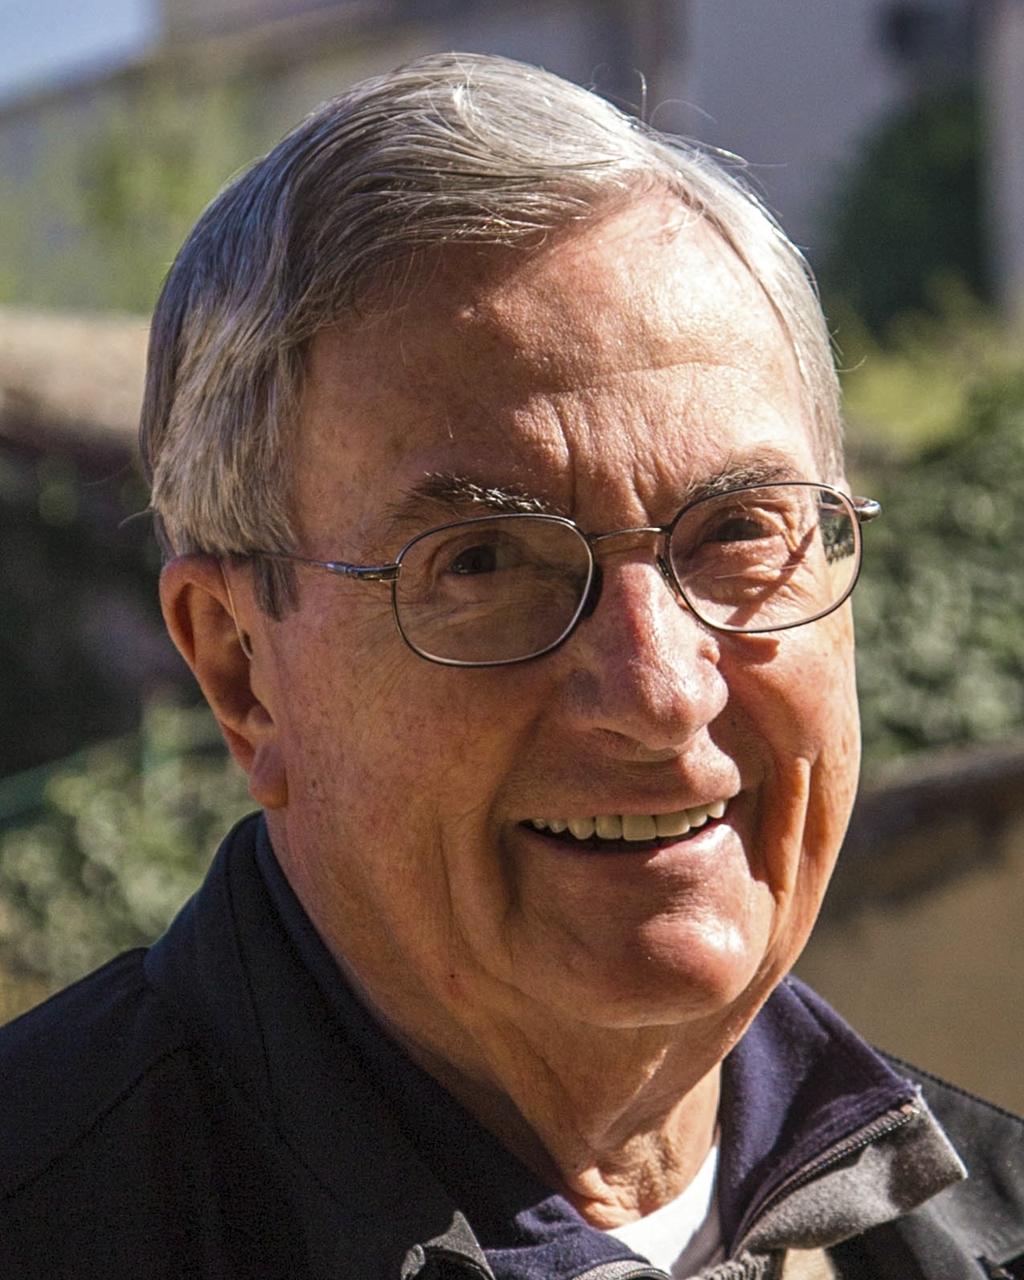 Joseph John Campanella